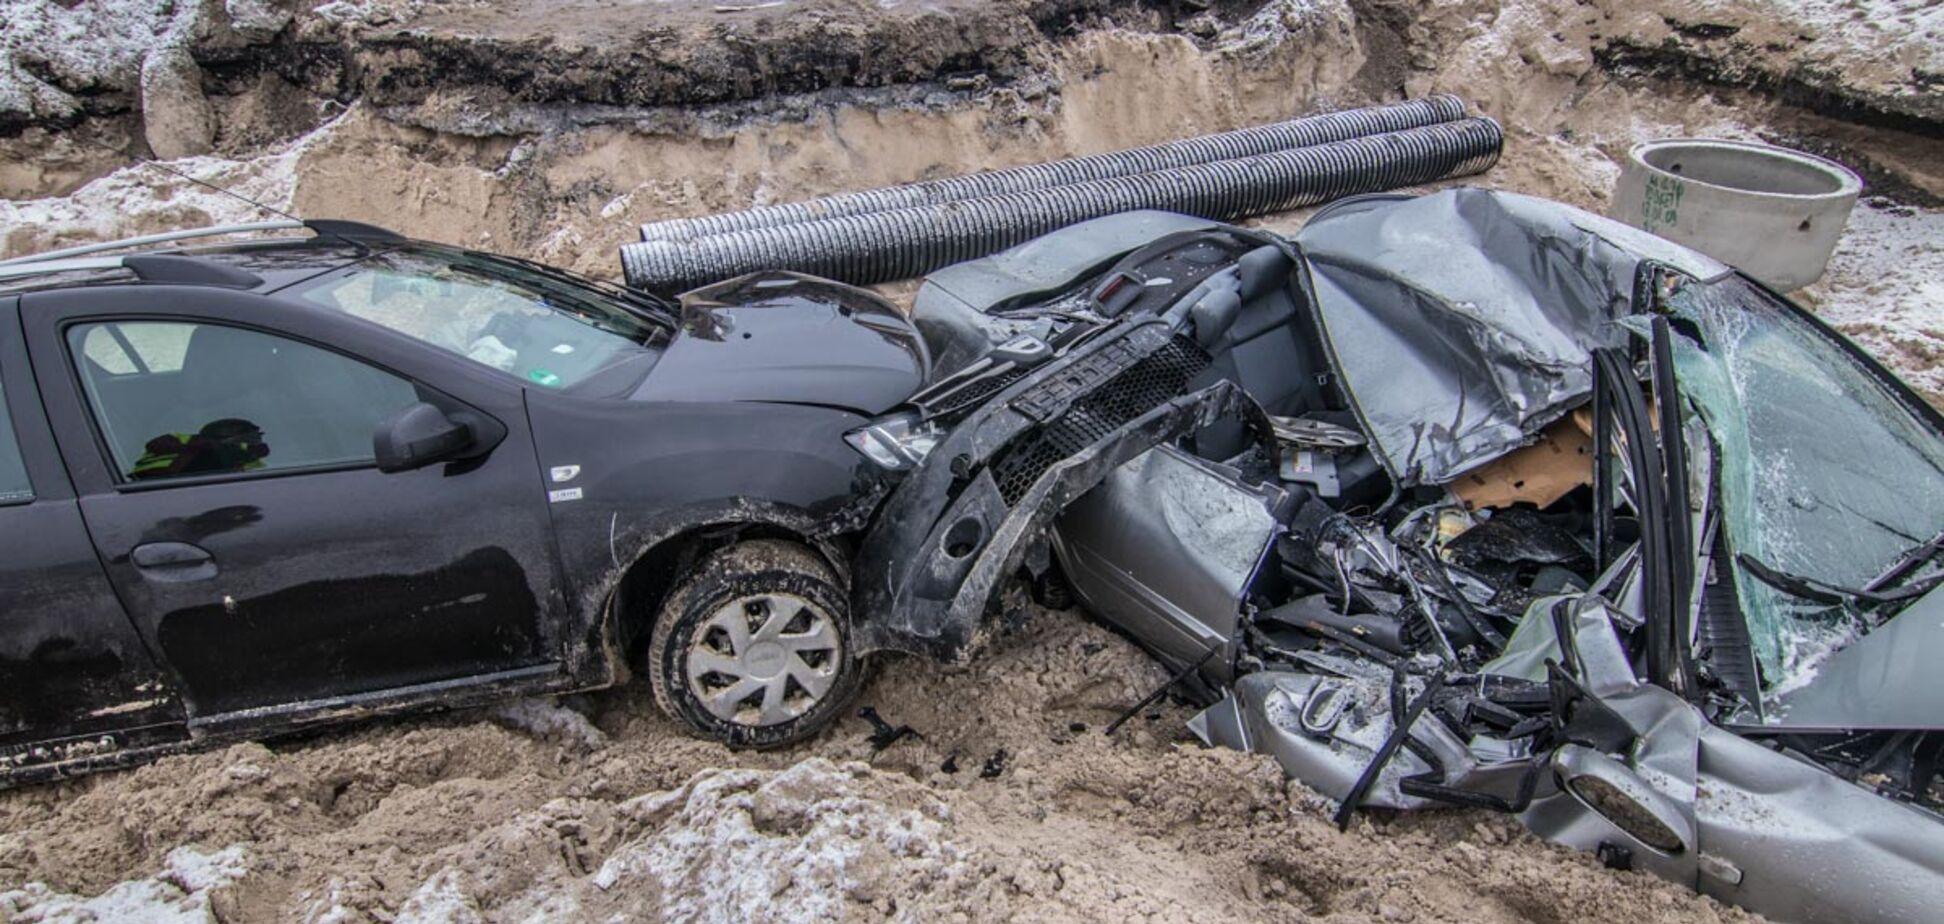 Пролетели 10 метров: в Киеве два авто рухнули в котлован. Фотофакт